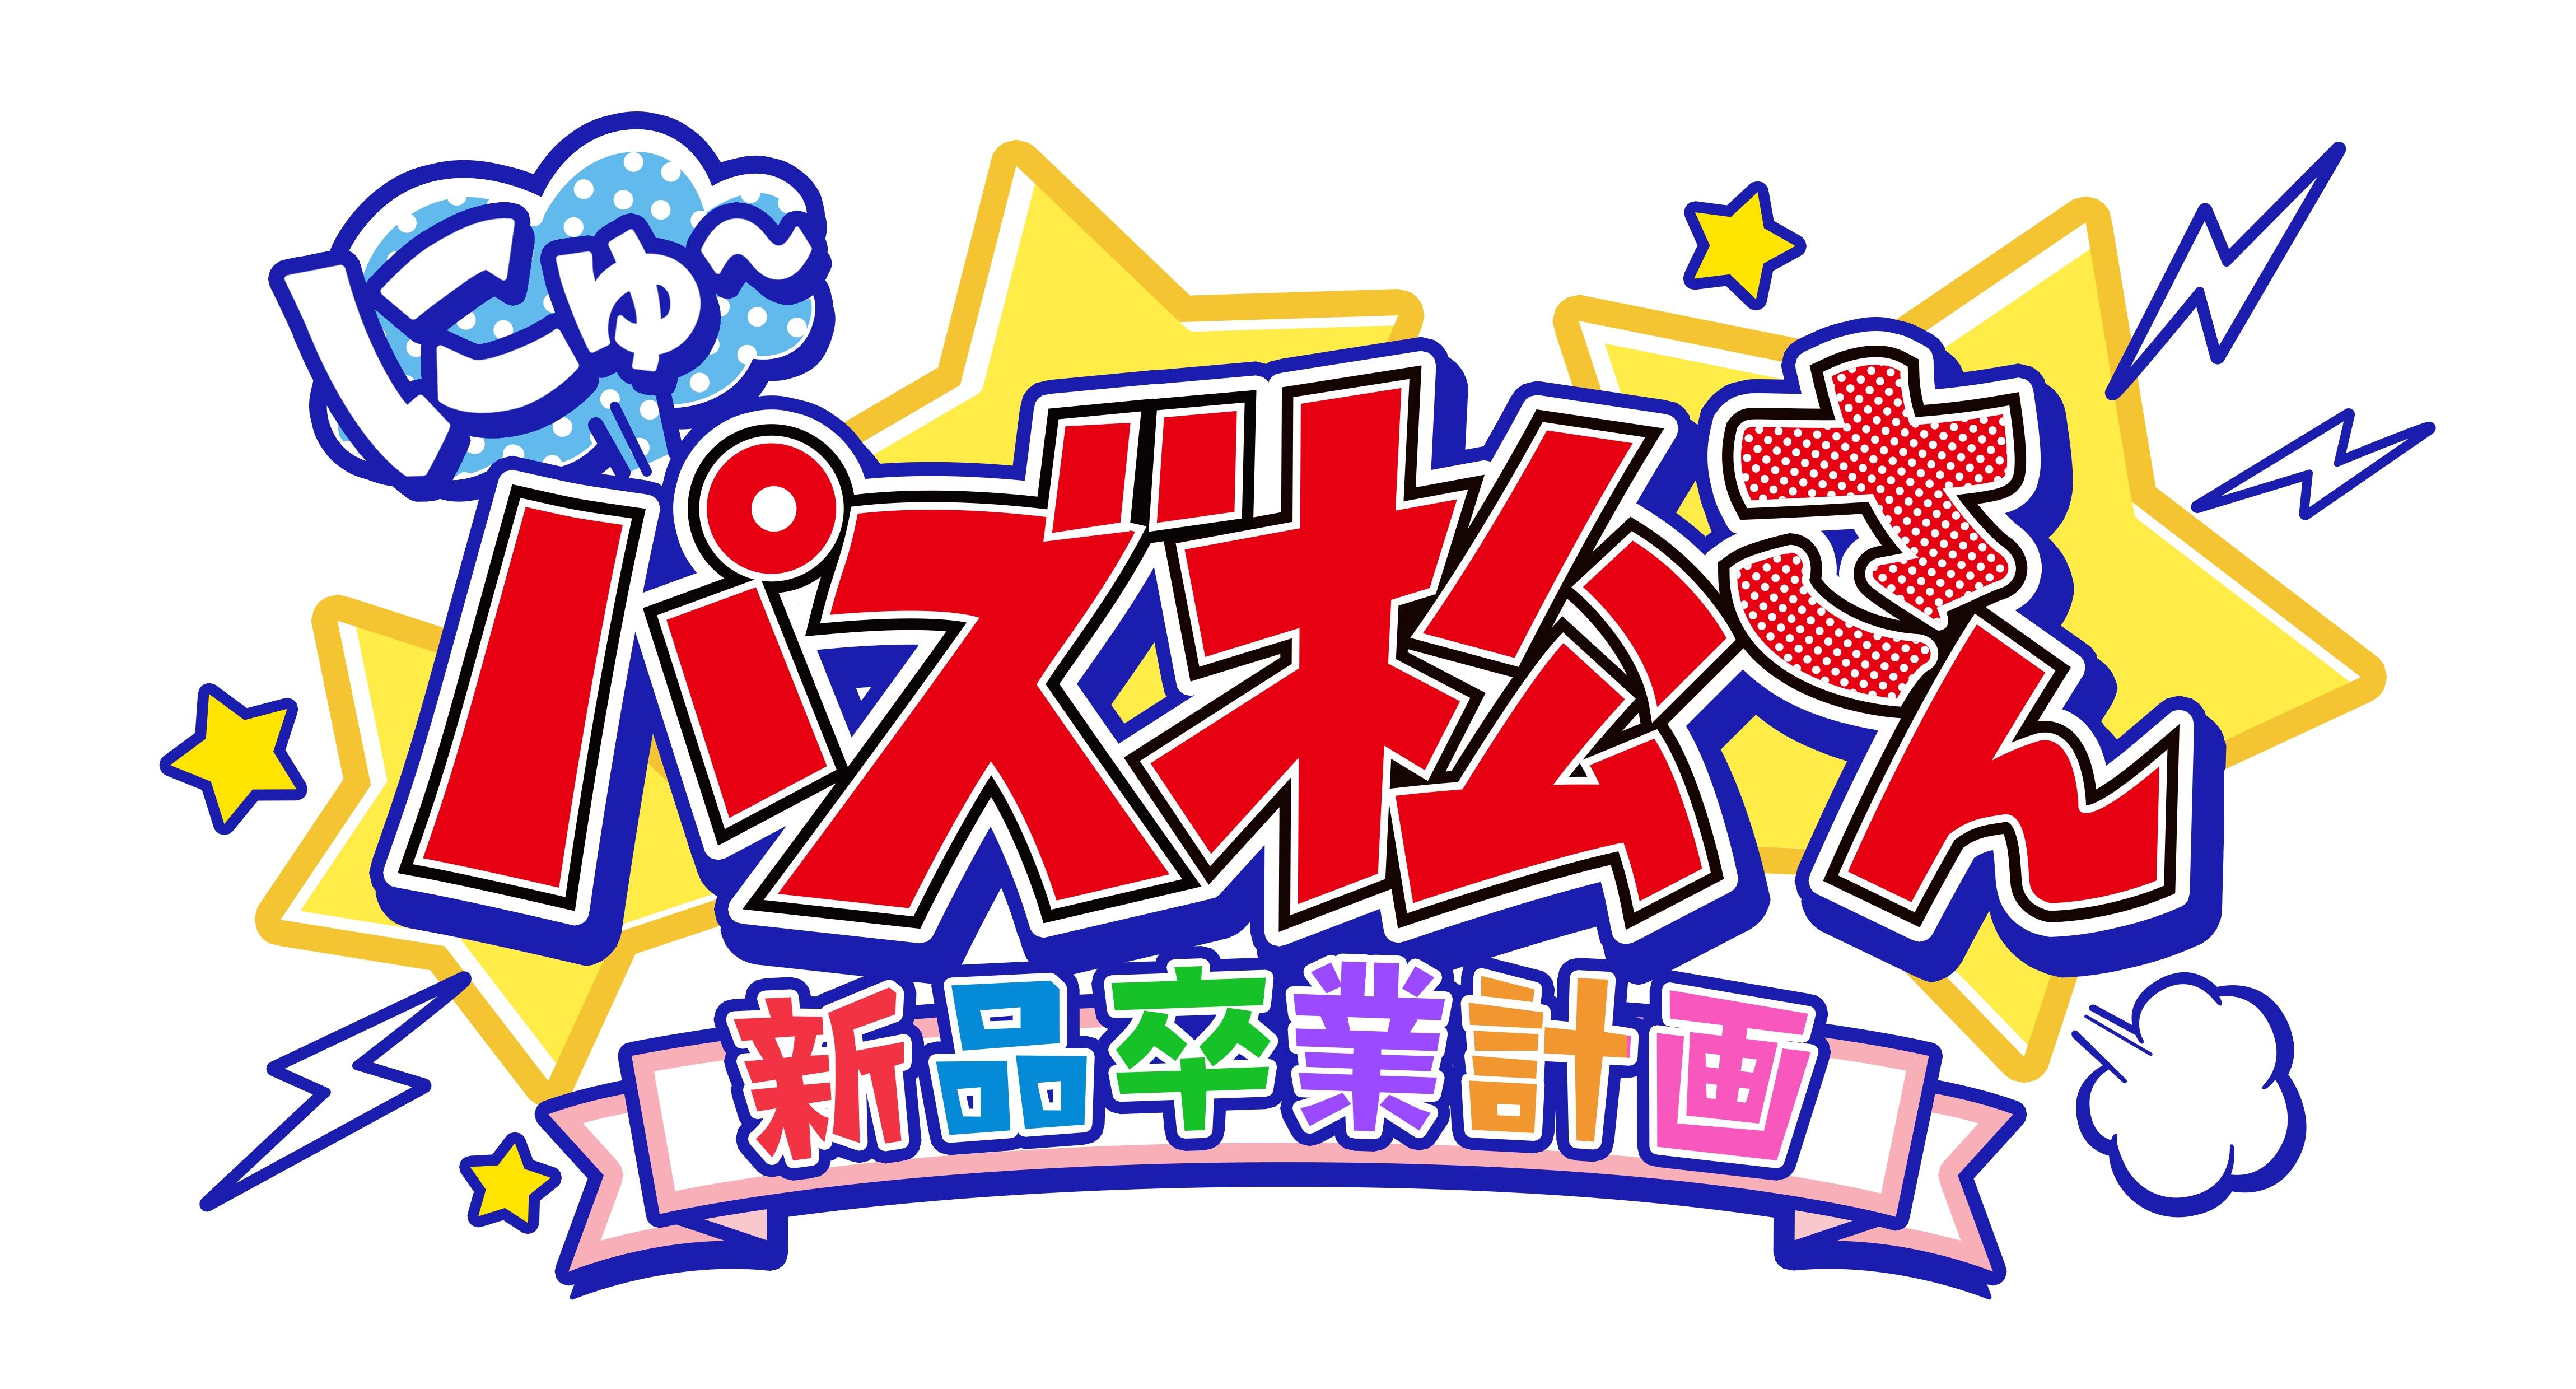 にゅ~パズ松さん 新品卒業計画